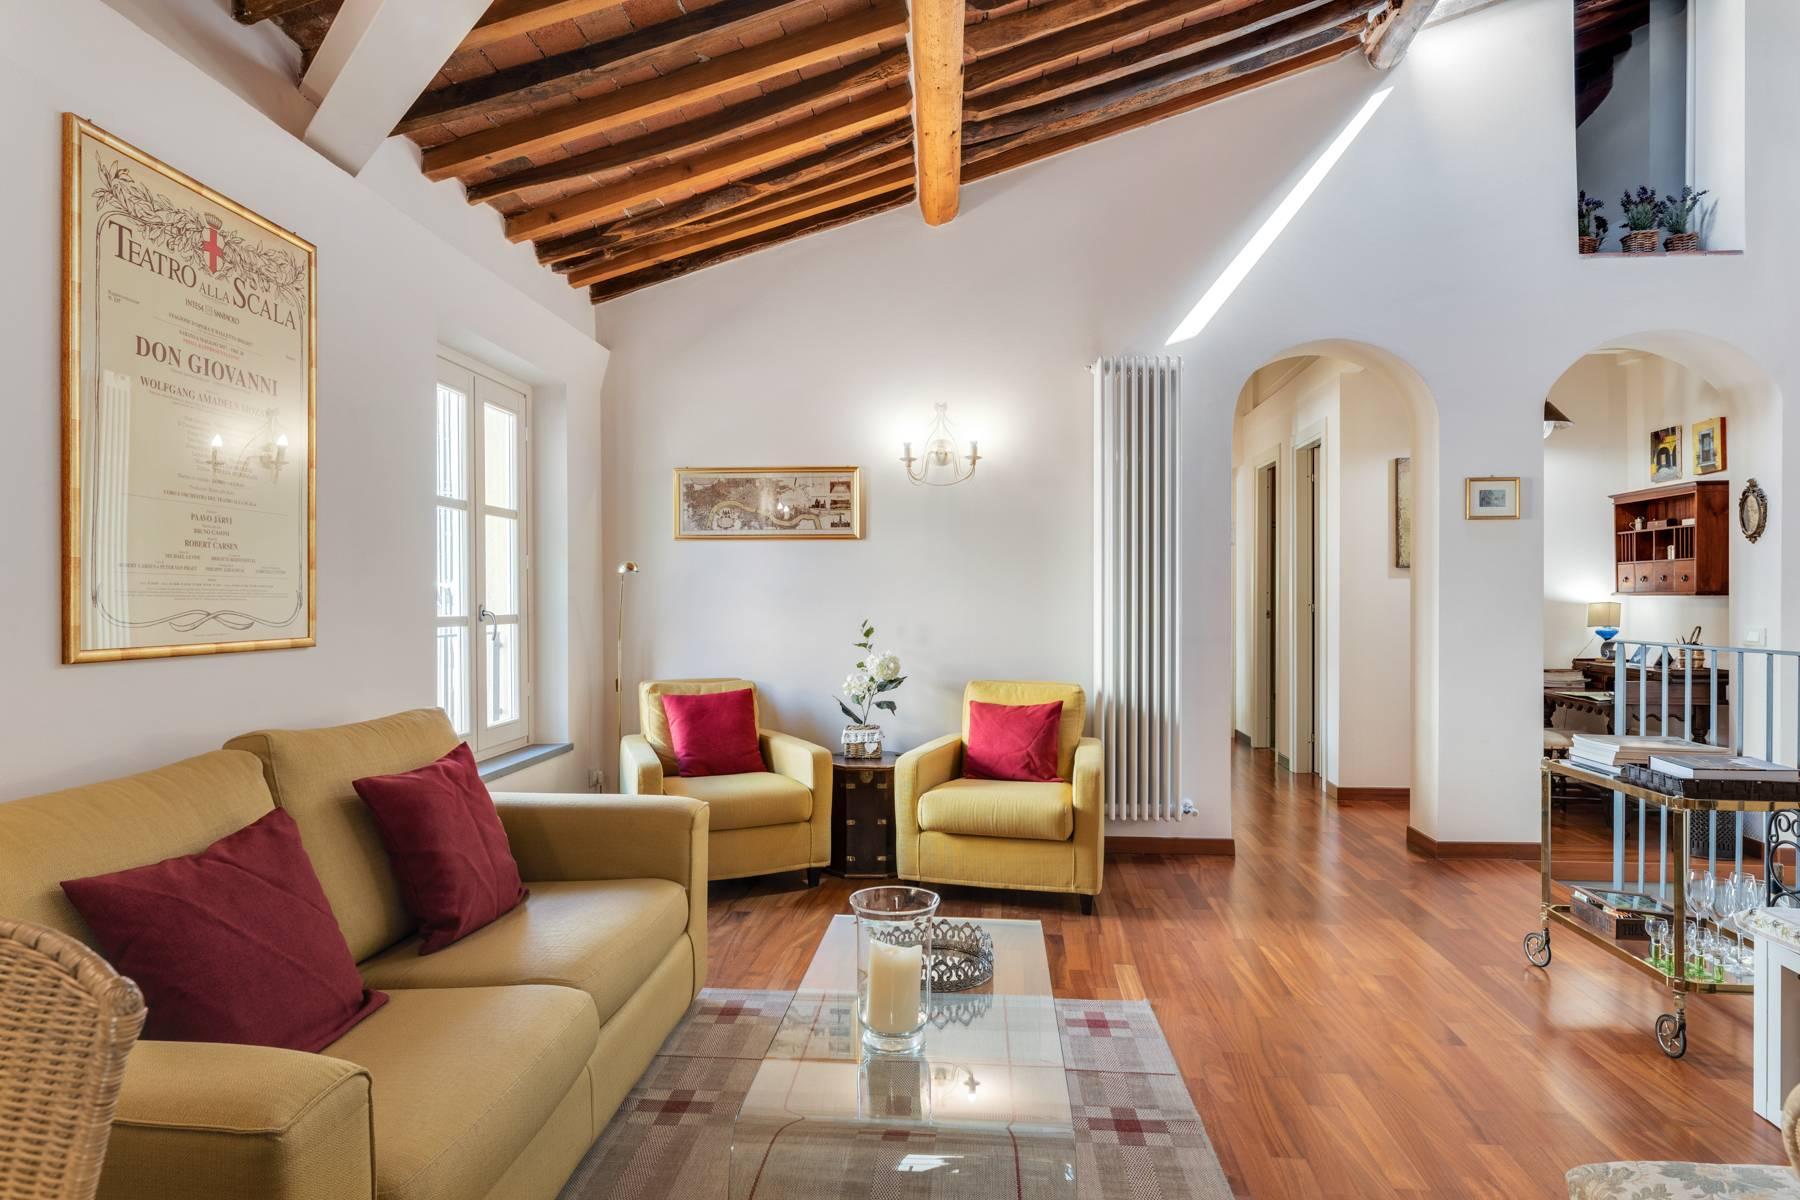 Grazioso appartamento indipendente nel cuore di Lucca - 1